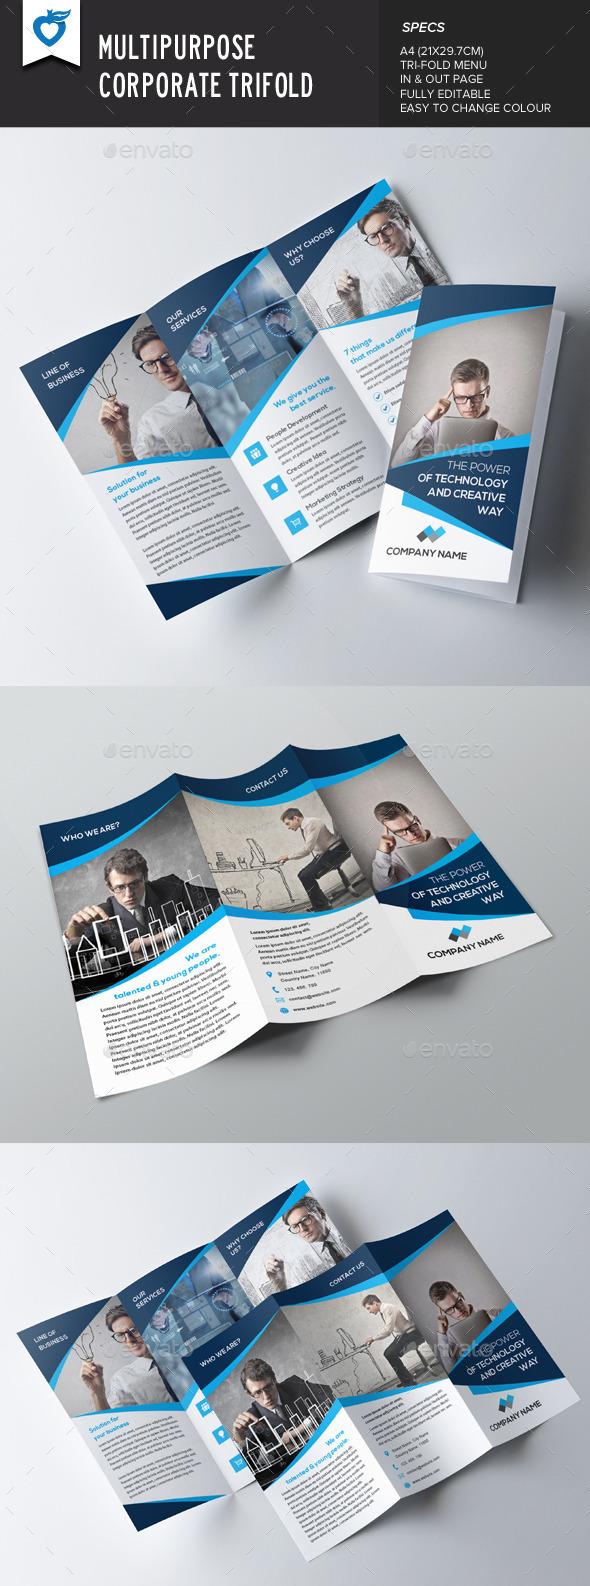 GraphicRiver Multipurpose Corporate Trifold 9345269